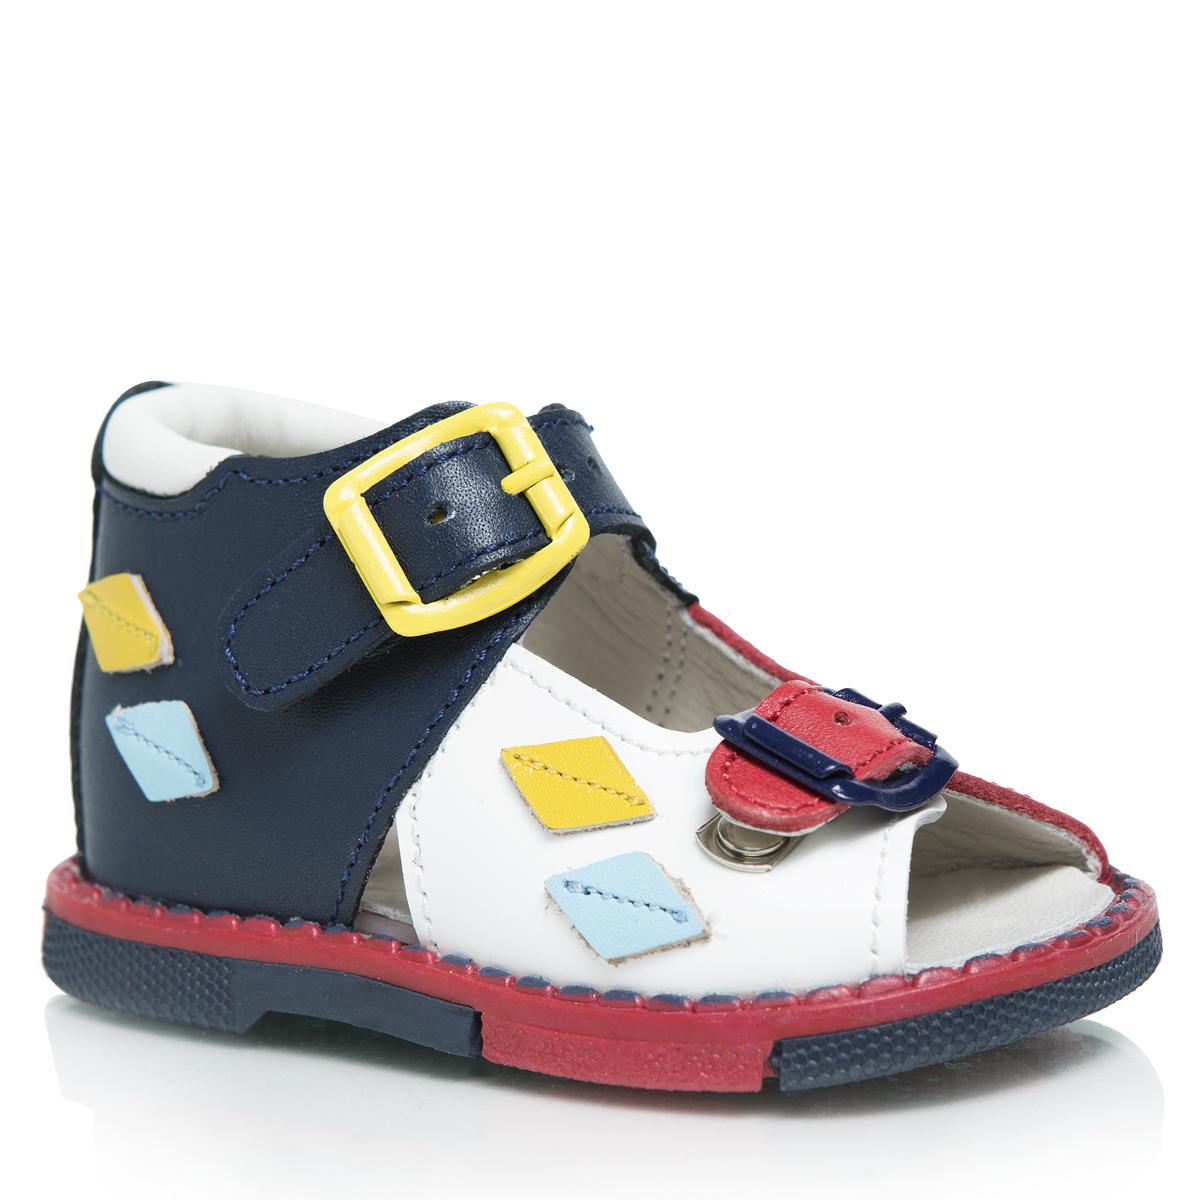 Сандалии детские. 119119-081Стильные детские сандалии Таши Орто заинтересуют вашего ребенка с первого взгляда. Модель выполнена из натуральной кожи контрастных цветов. Ремешки на застежке-пряжке помогают оптимально подогнать полноту обуви по ноге и гарантируют надежную фиксацию. Сбоку сандалии декорированы цветными нашивками из кожи в виде ромбиков. Литая анатомическая стелька из натуральной кожи со сводоподдерживающим элементом и латексным покрытием, не продавливающаяся во время носки, обеспечивает правильное формирование стопы. Благодаря использованию современных внутренних материалов, позволяет оптимально распределить нагрузку по всей площади стопы, дает ножке ощущение мягкости и комфорта. Мягкая верхняя часть, которая плотно прилегает к ножке, и подкладка, изготовленная из натуральной кожи, позволяют избежать натирания. Полужесткий задник фиксирует ножку ребенка, не давая ей смещаться из стороны в сторону и назад. Широкий, устойчивый каблук, специальной конфигурации каблук Томаса, продлен с внутренней...